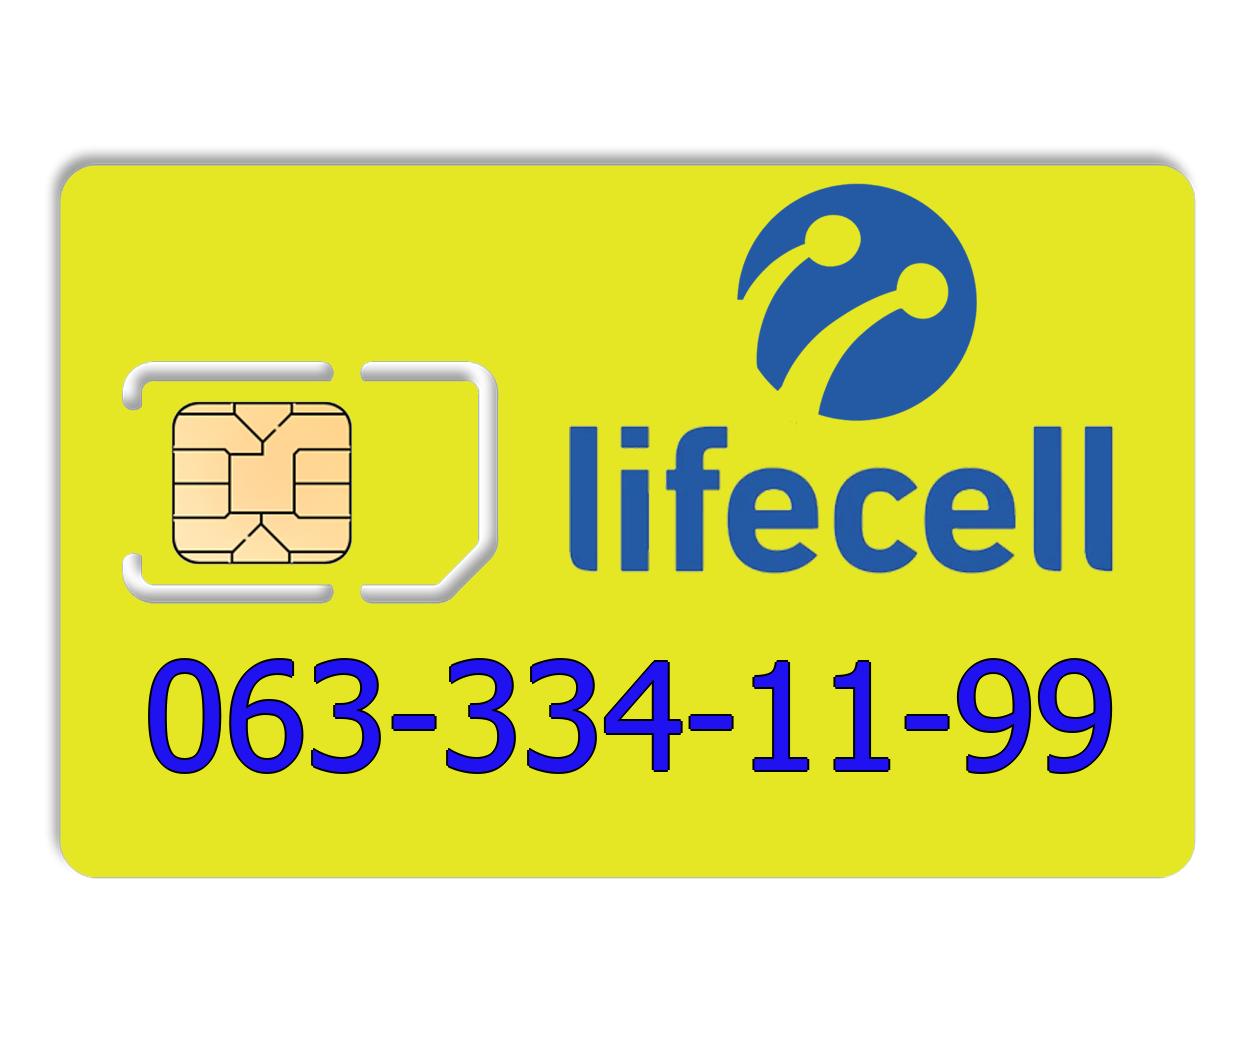 Красивый номер lifecell 063-334-11-99